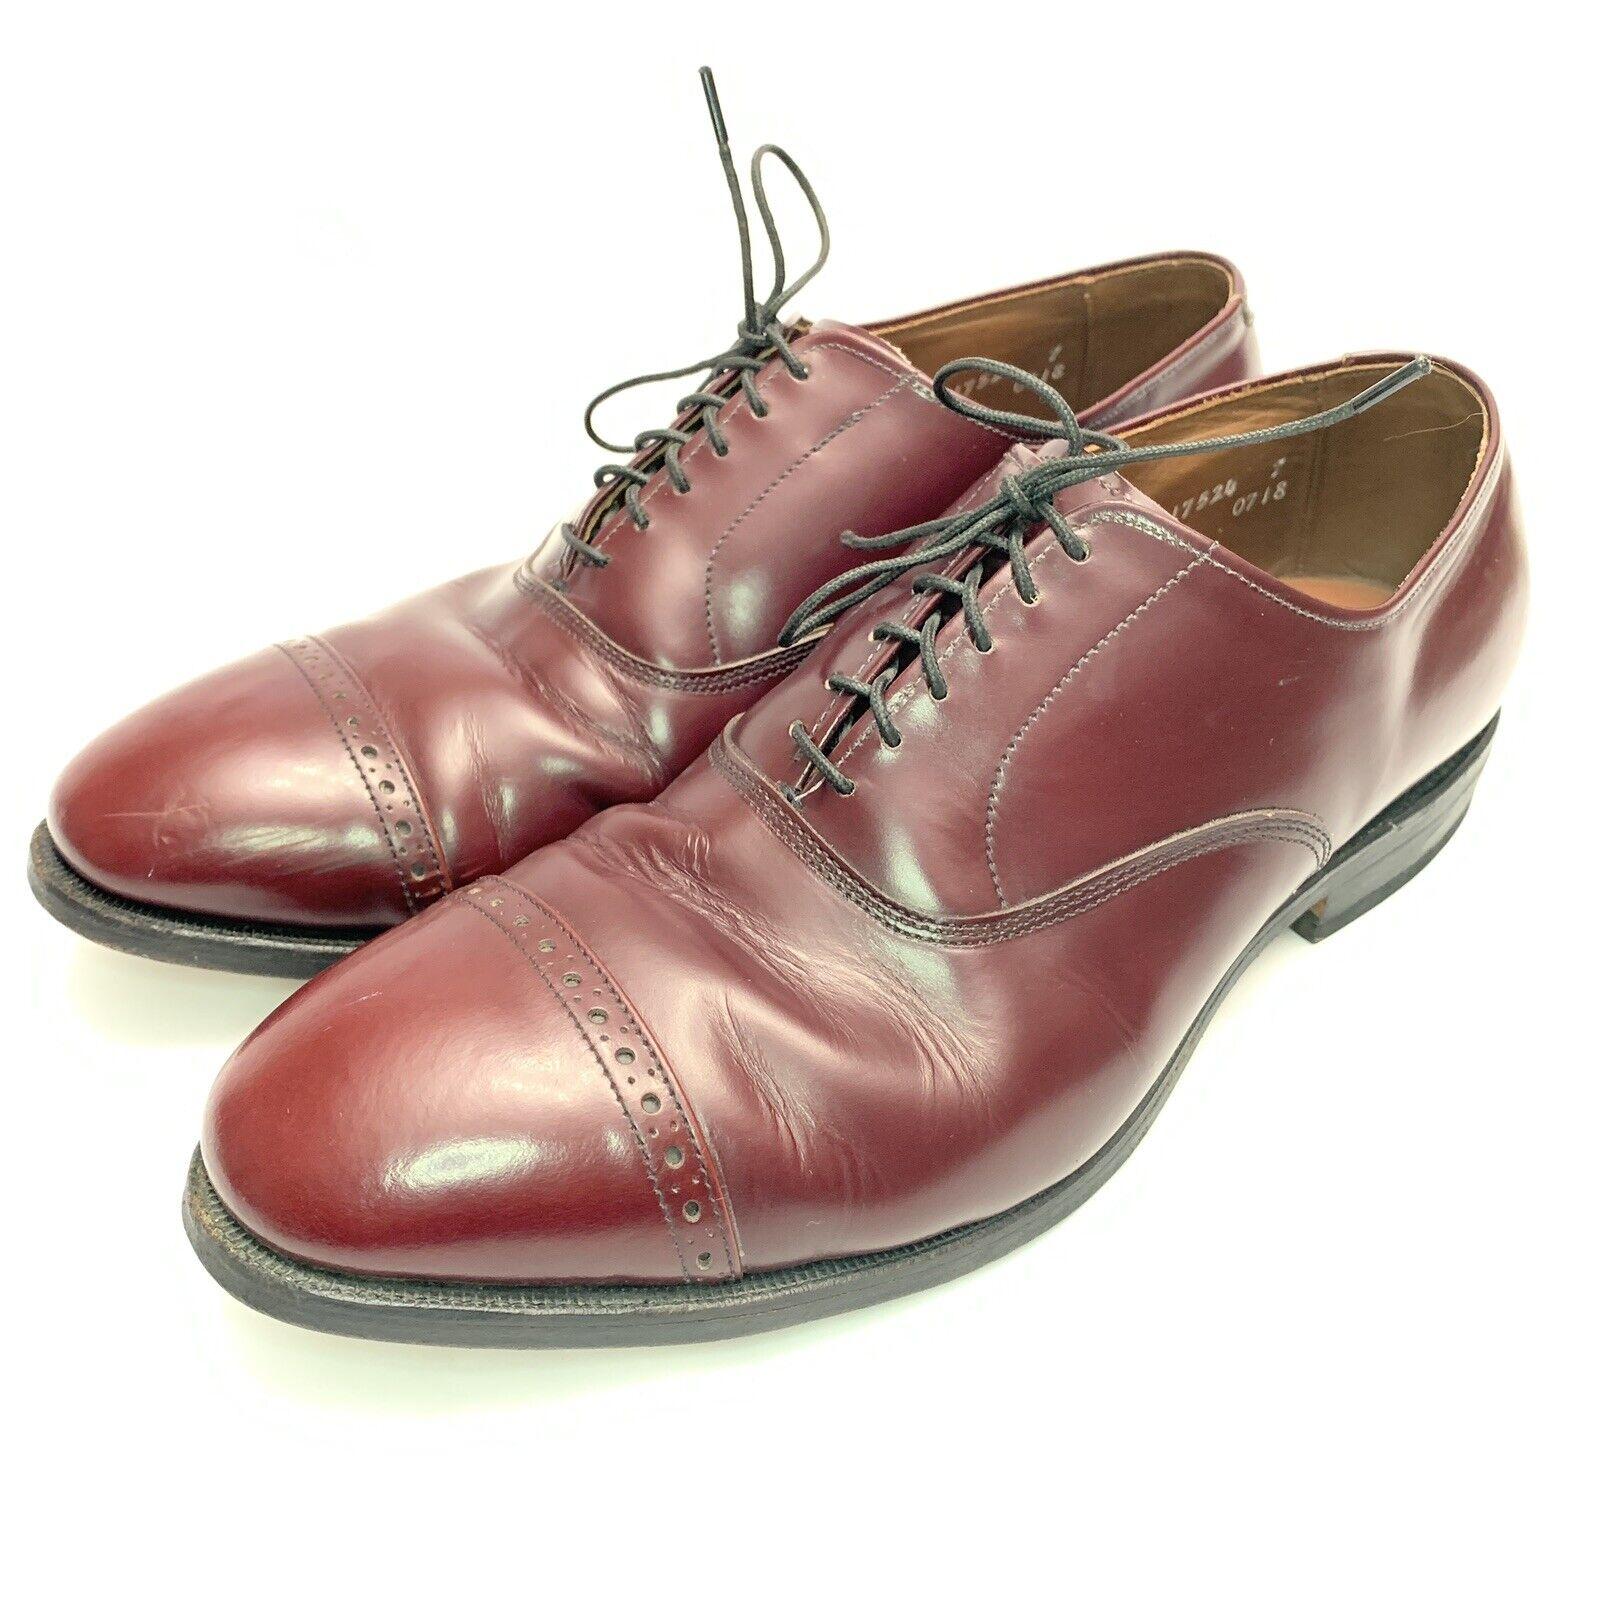 Men's Allen Edmonds 5th Avenue Cap Toe Oxford Leather shoes 9.5 E WideBurgundy